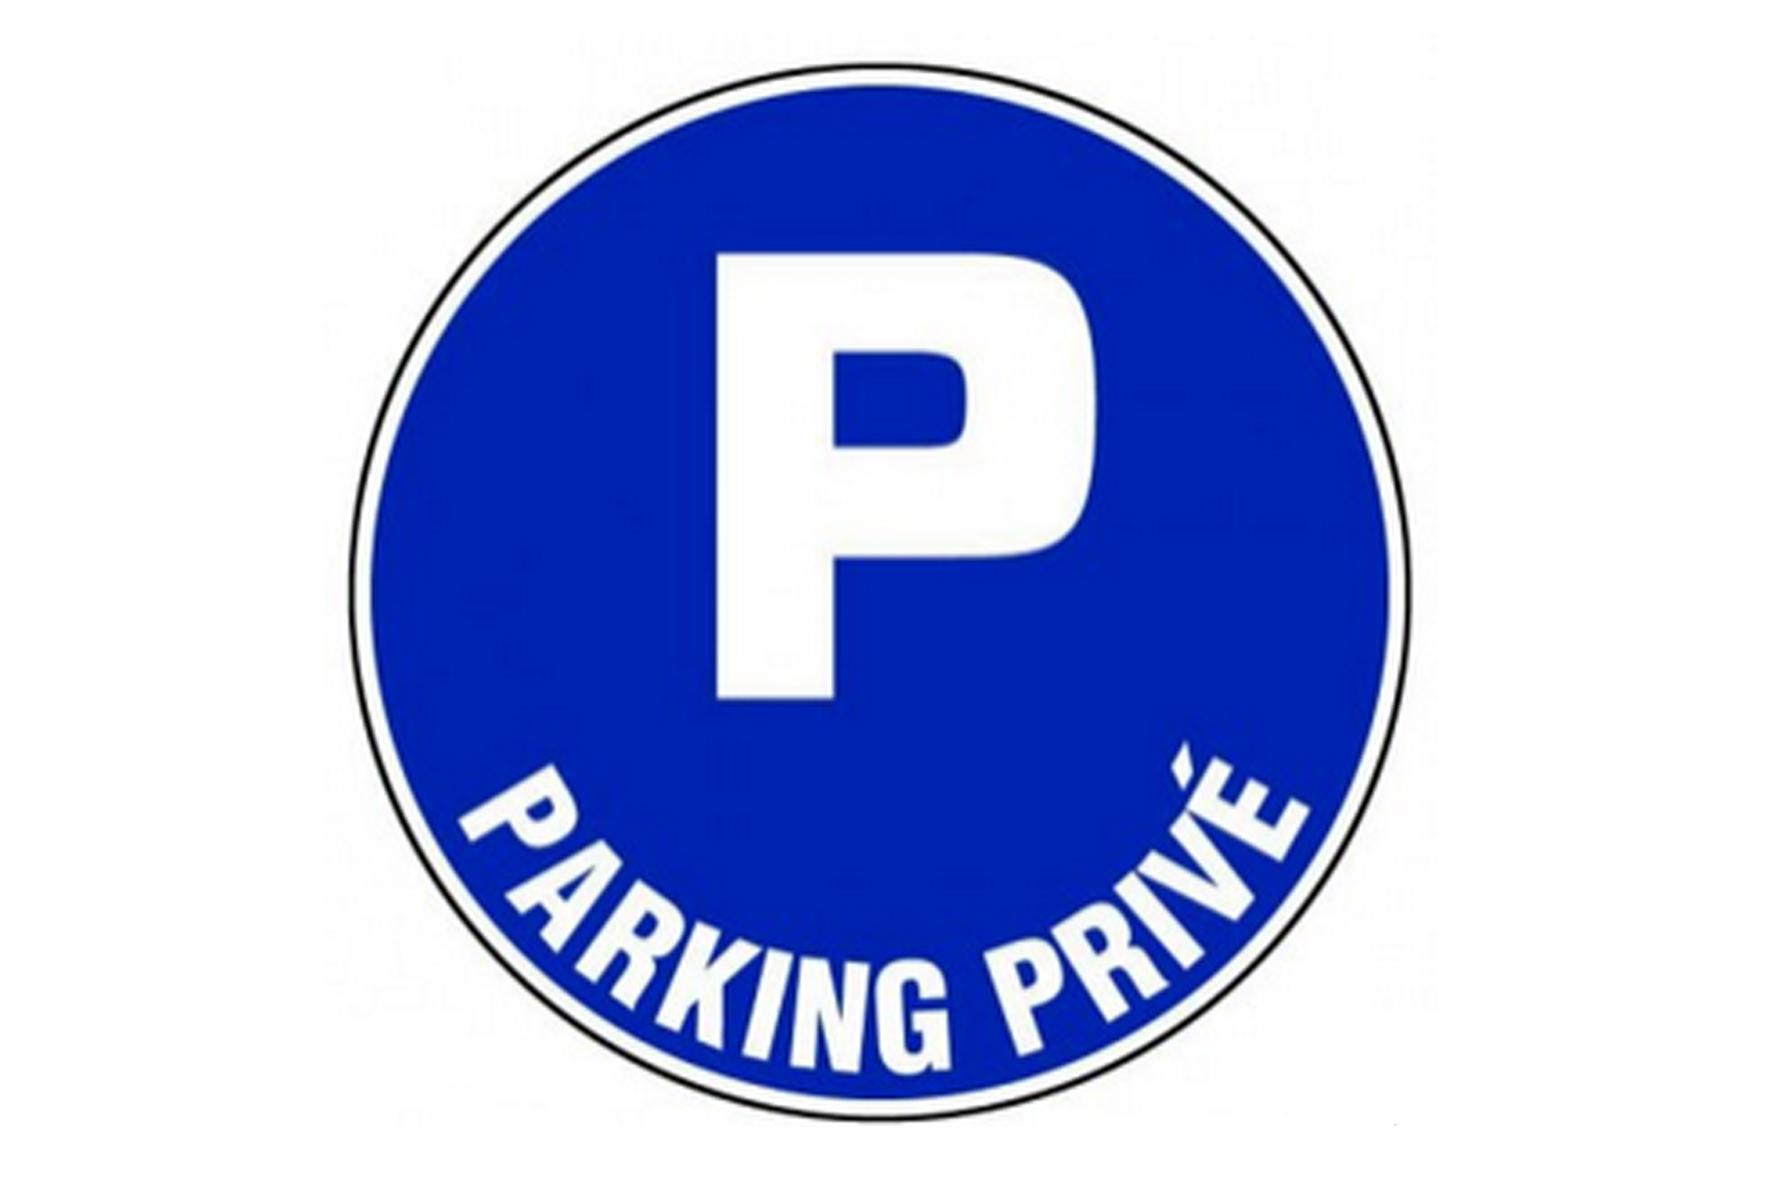 panneau pvc rond parking priv achat en ligne ou dans notre magasin. Black Bedroom Furniture Sets. Home Design Ideas